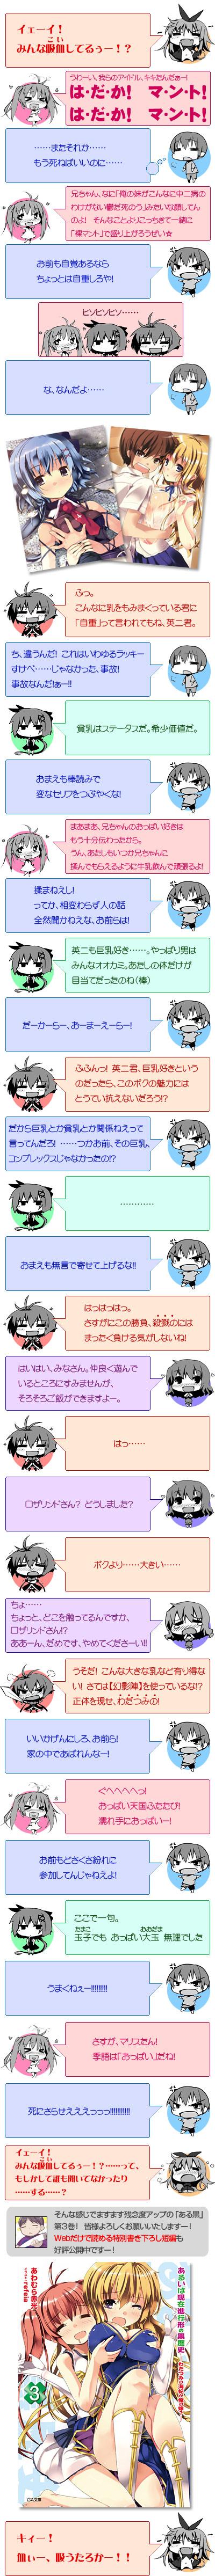 110210arukuro.jpg